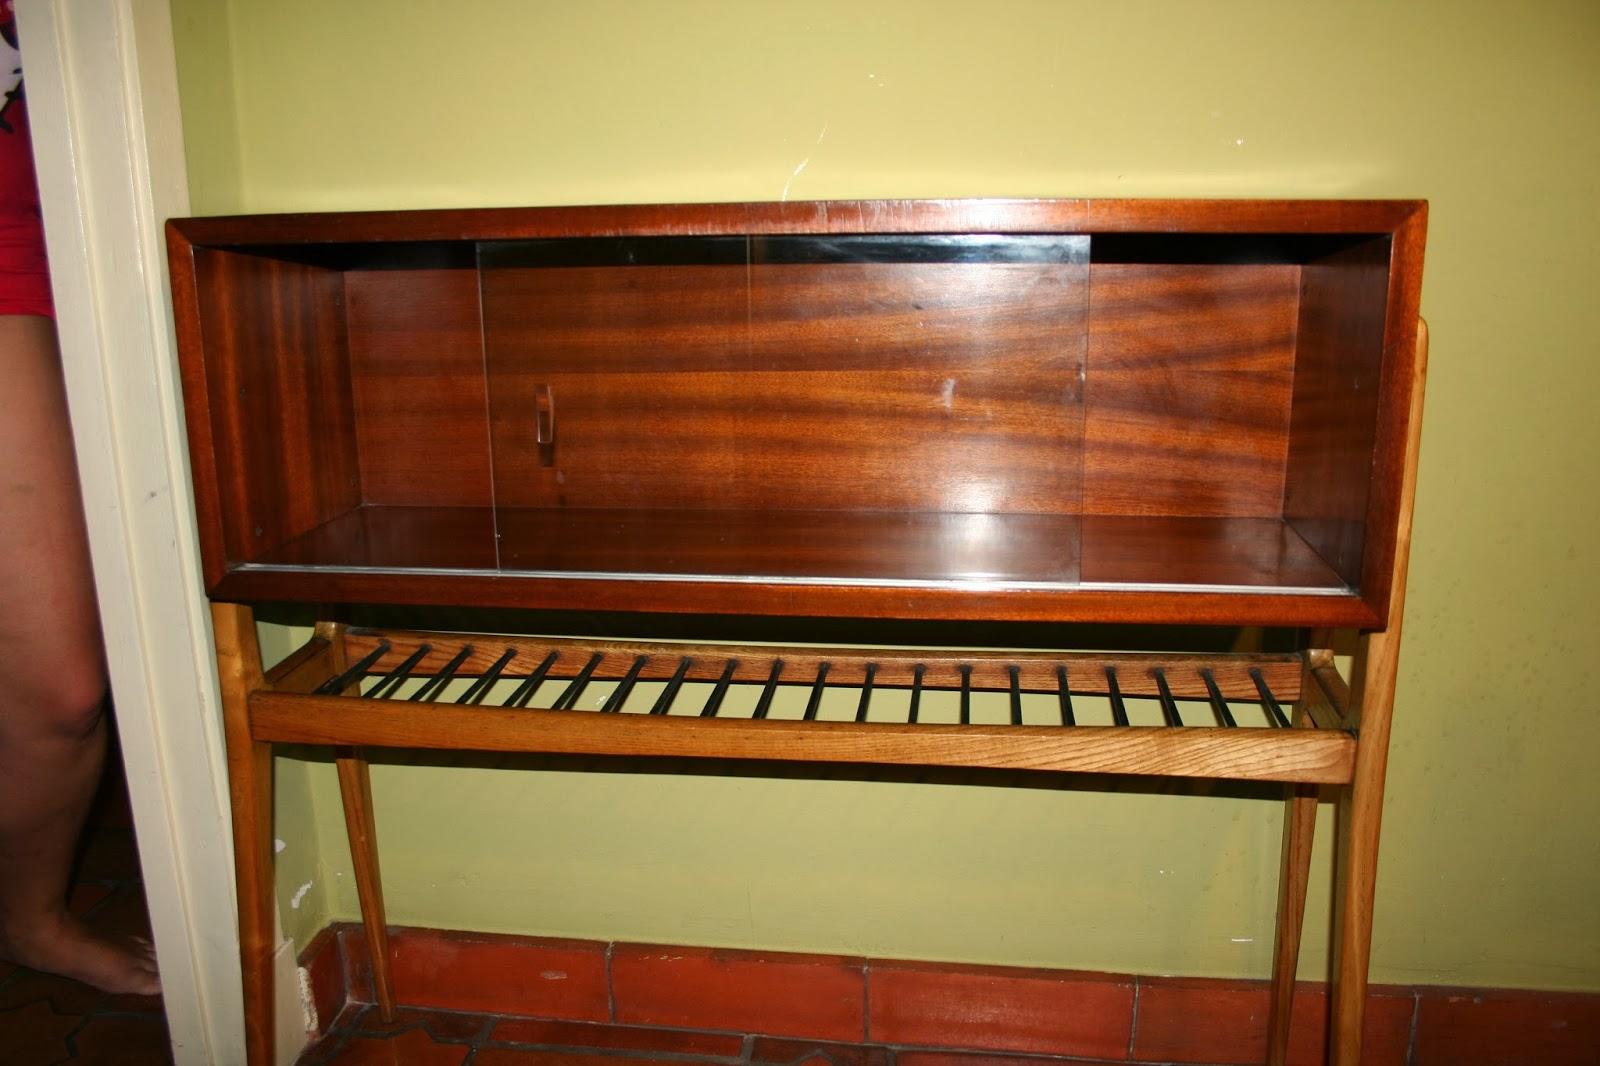 El desv n de los trastucos la trastienda del desv n mueble bar vintage - Desvan vintage ...